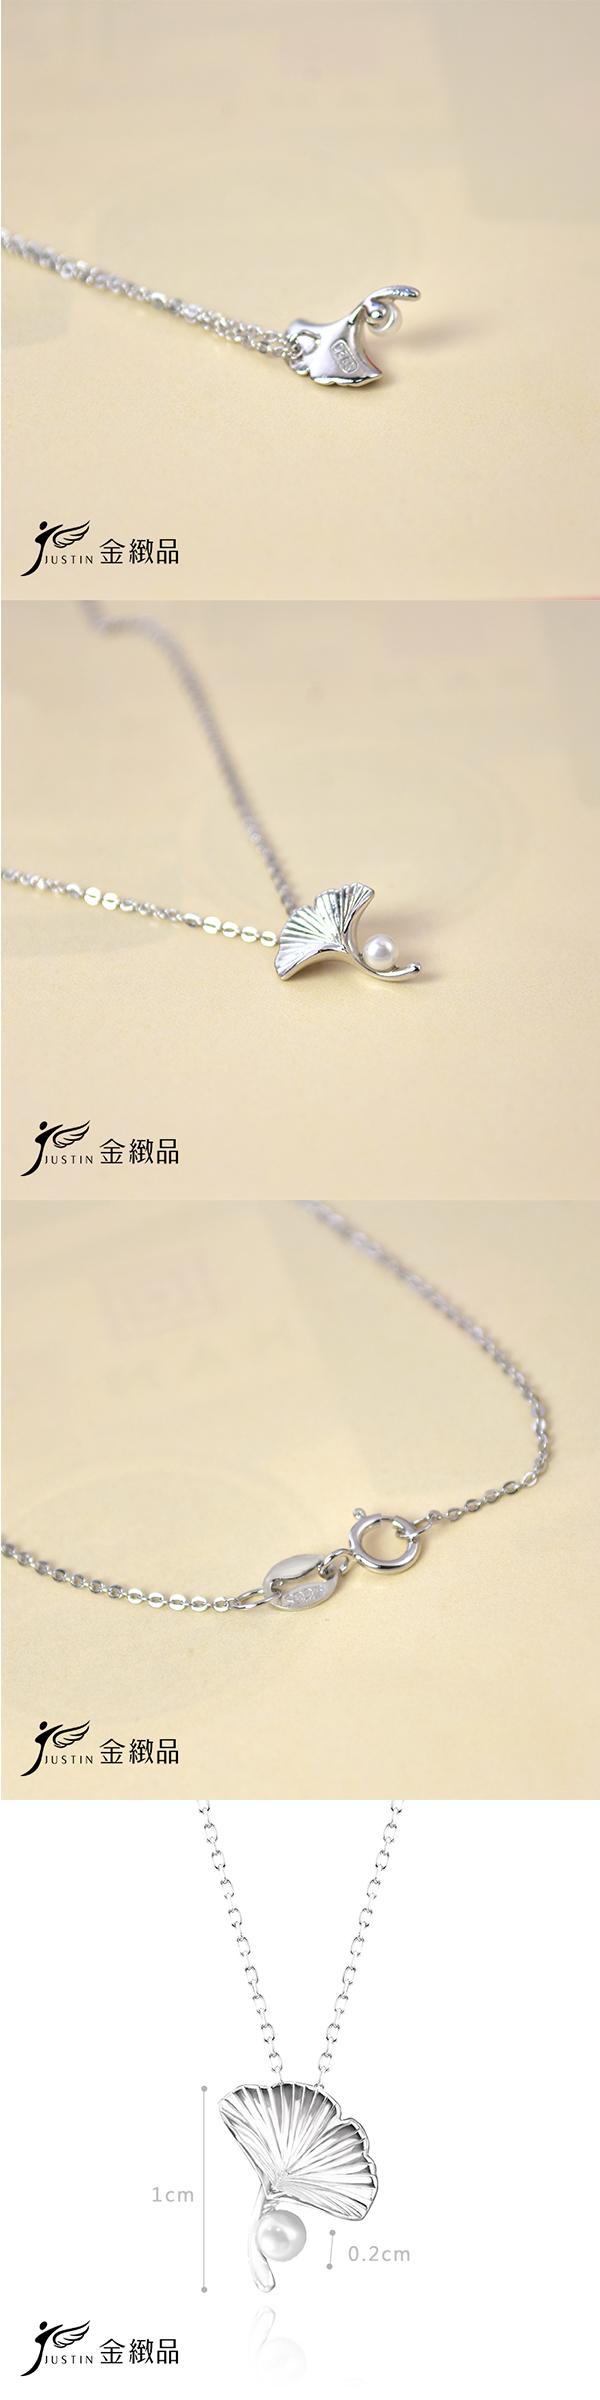 Justin金緻品 銀杏葉 925純銀項鍊 抗過敏 非鍍銀 白果 珍珠 永恆的愛